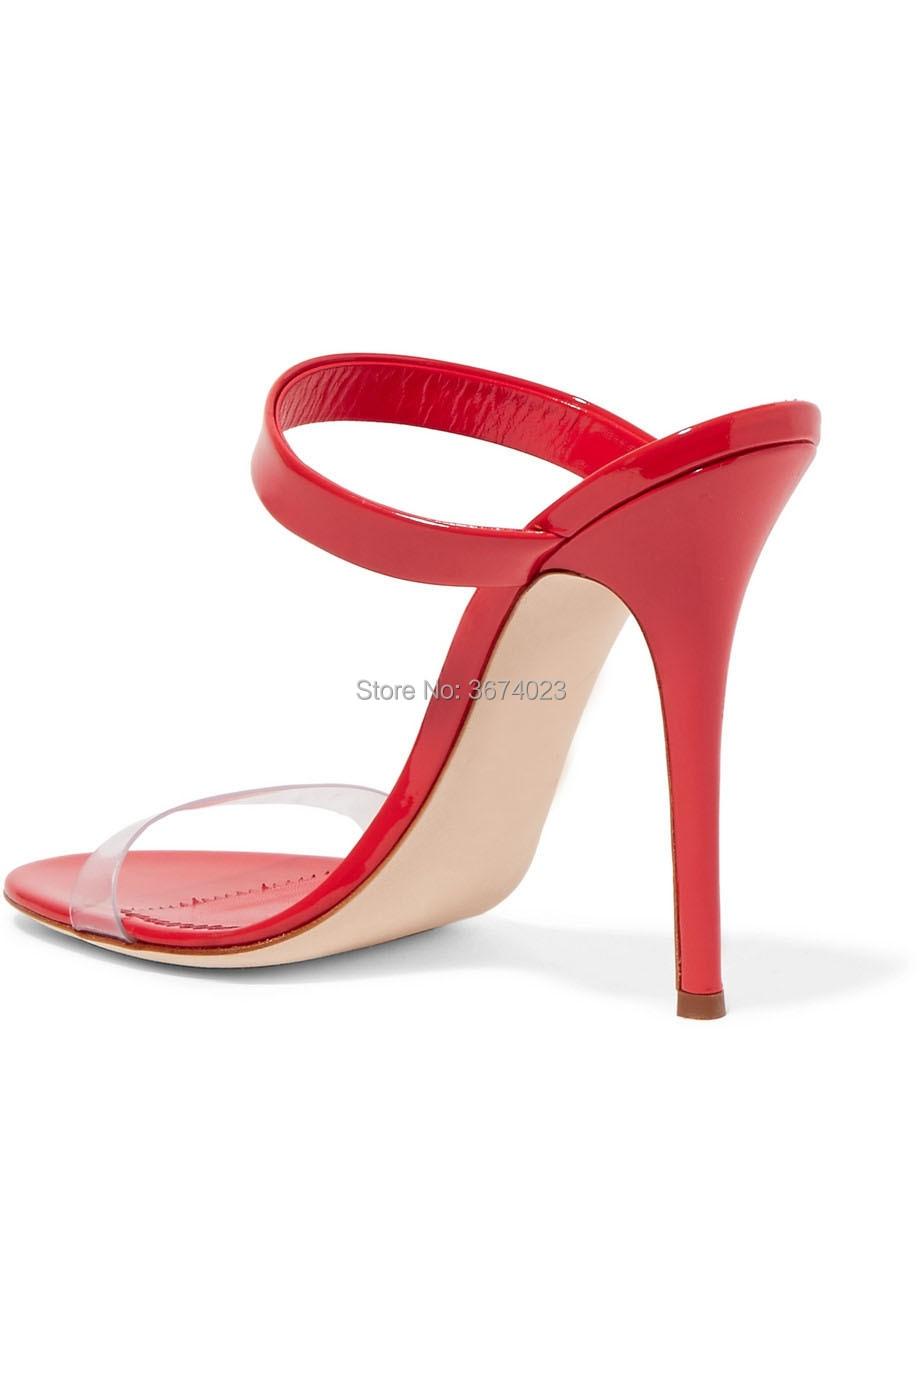 Aguja Qianruiti Diseño Abierta Zapatos Sandalias Tacones Las Punta Y Partido Mujeres Charol Plexiglás Altos De Del Verano Panel xHxqfdrwO